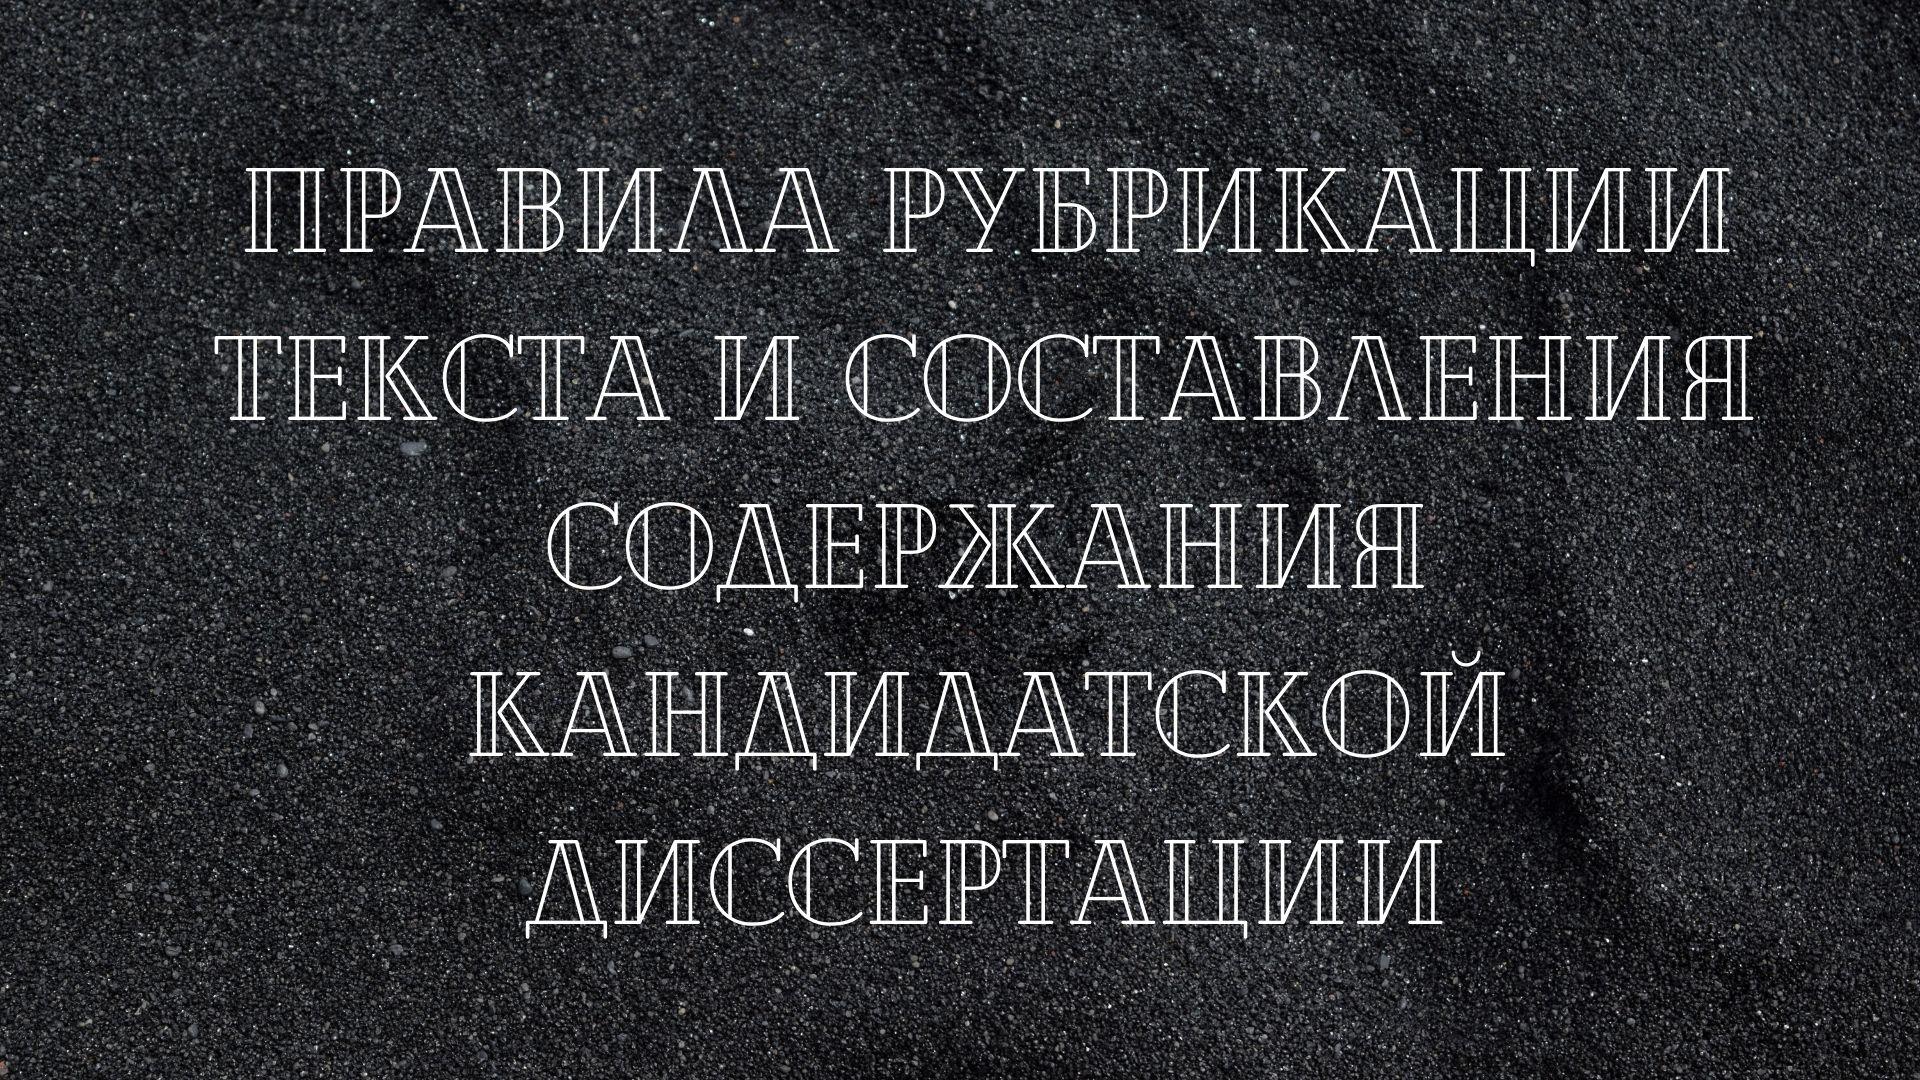 Правила рубрикации текста и составления содержания кандидатской диссертации